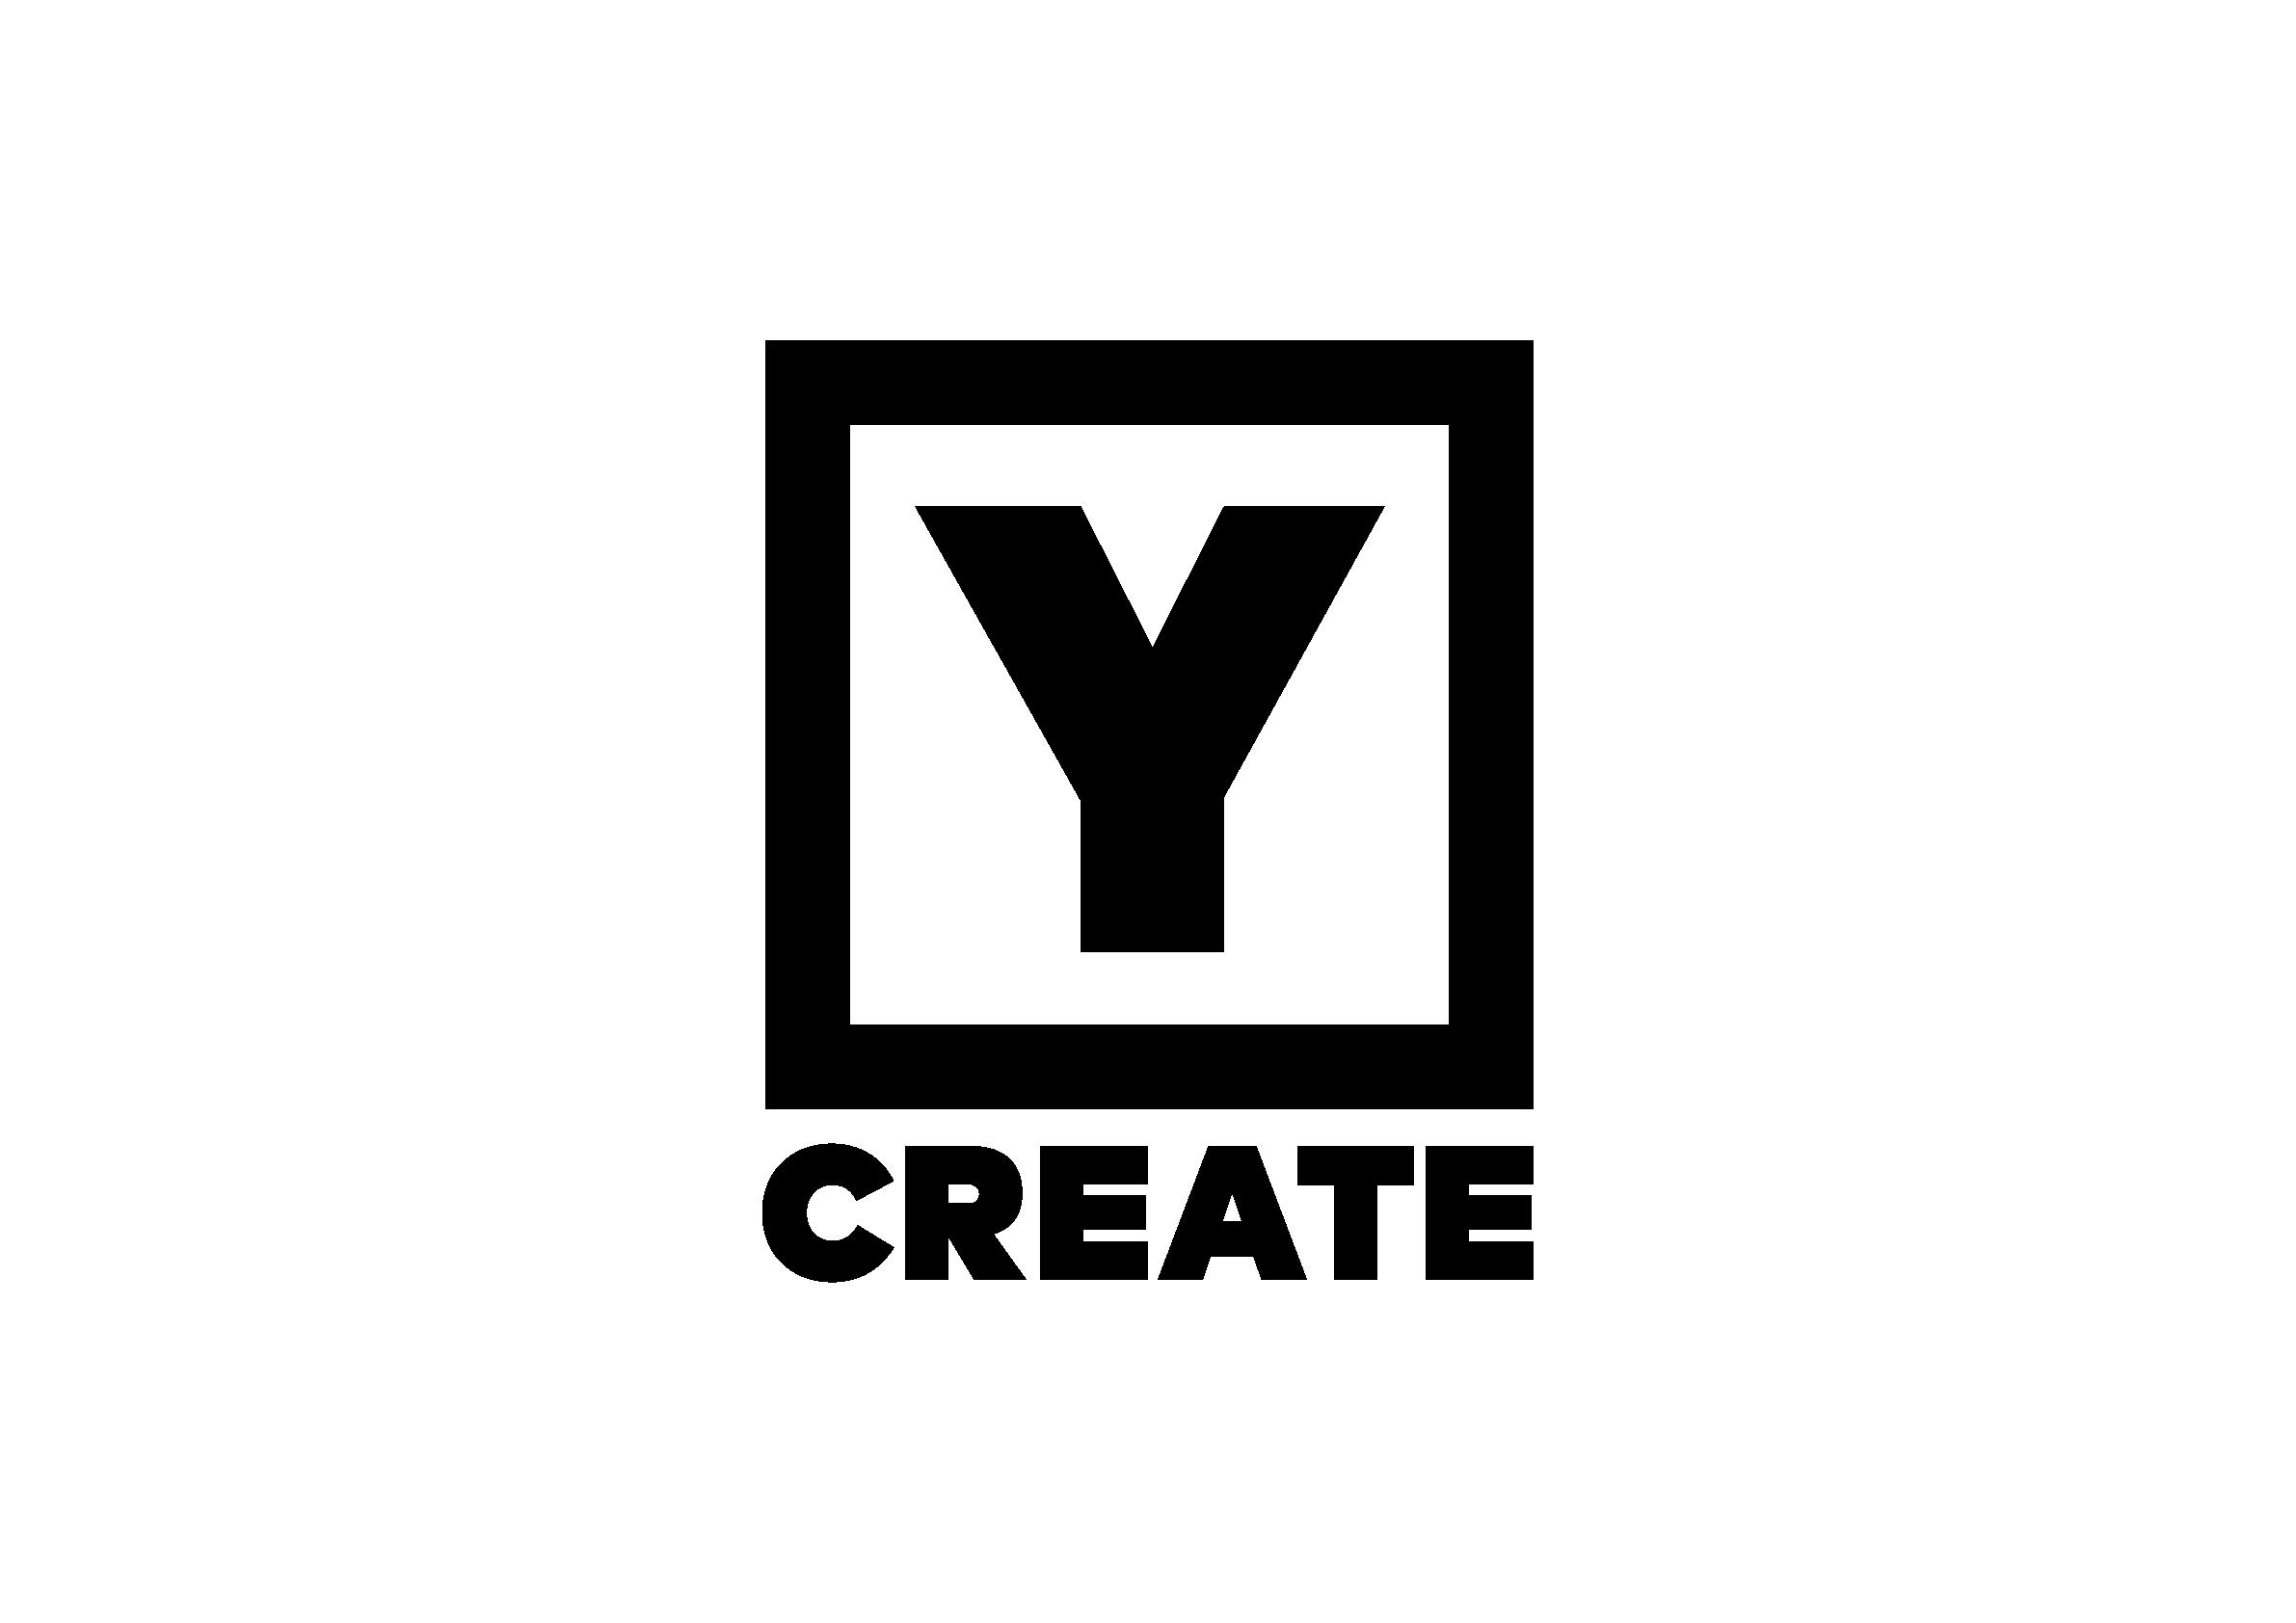 PCF Y Create Logo Big Basic v01 NKE